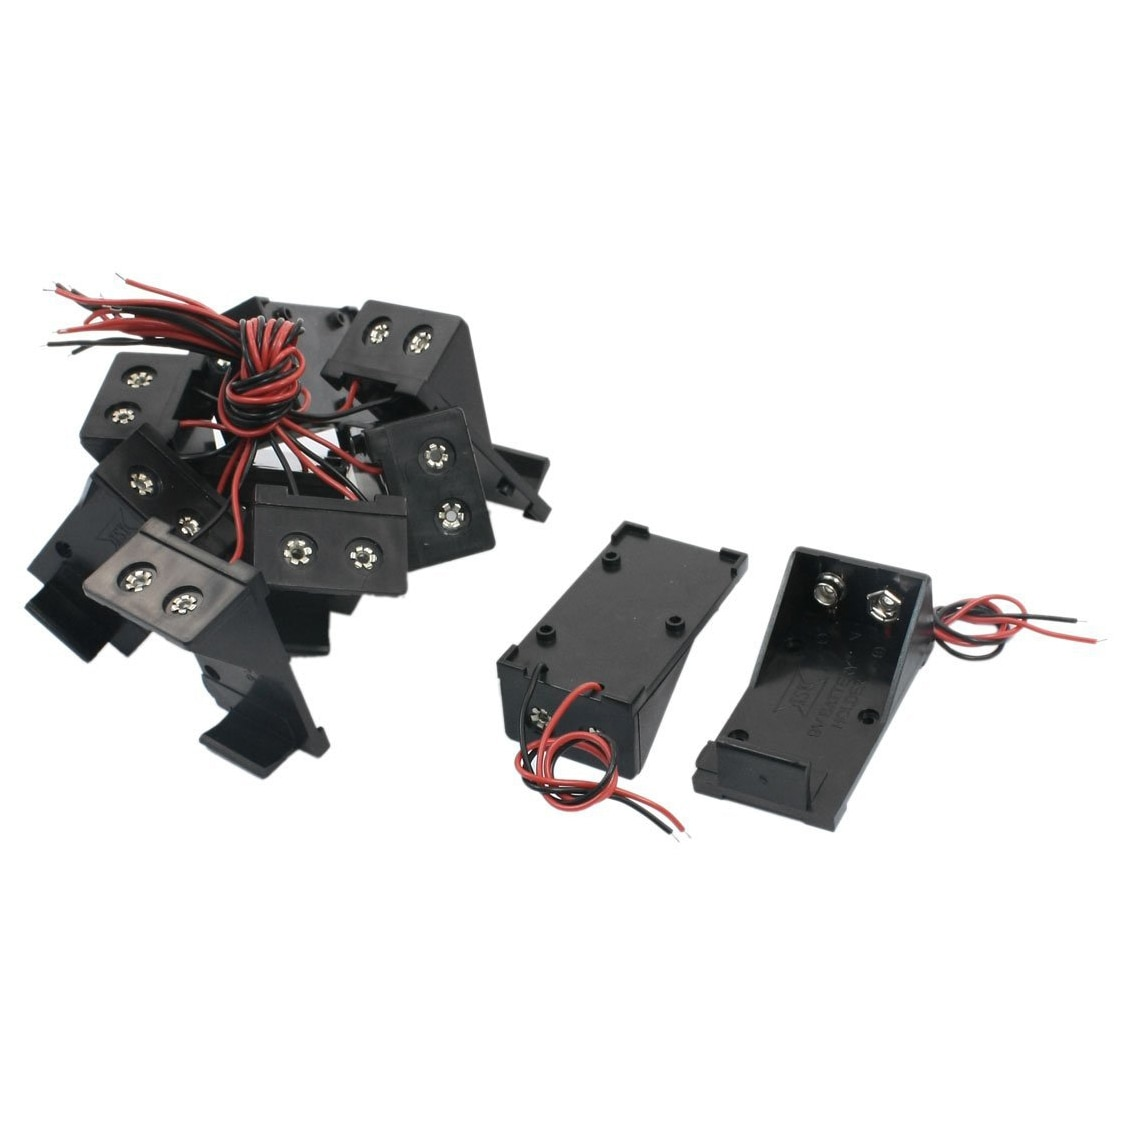 10 шт., два провода, пружинный зажим, 9 В, держатель для аккумулятора, ящик для хранения